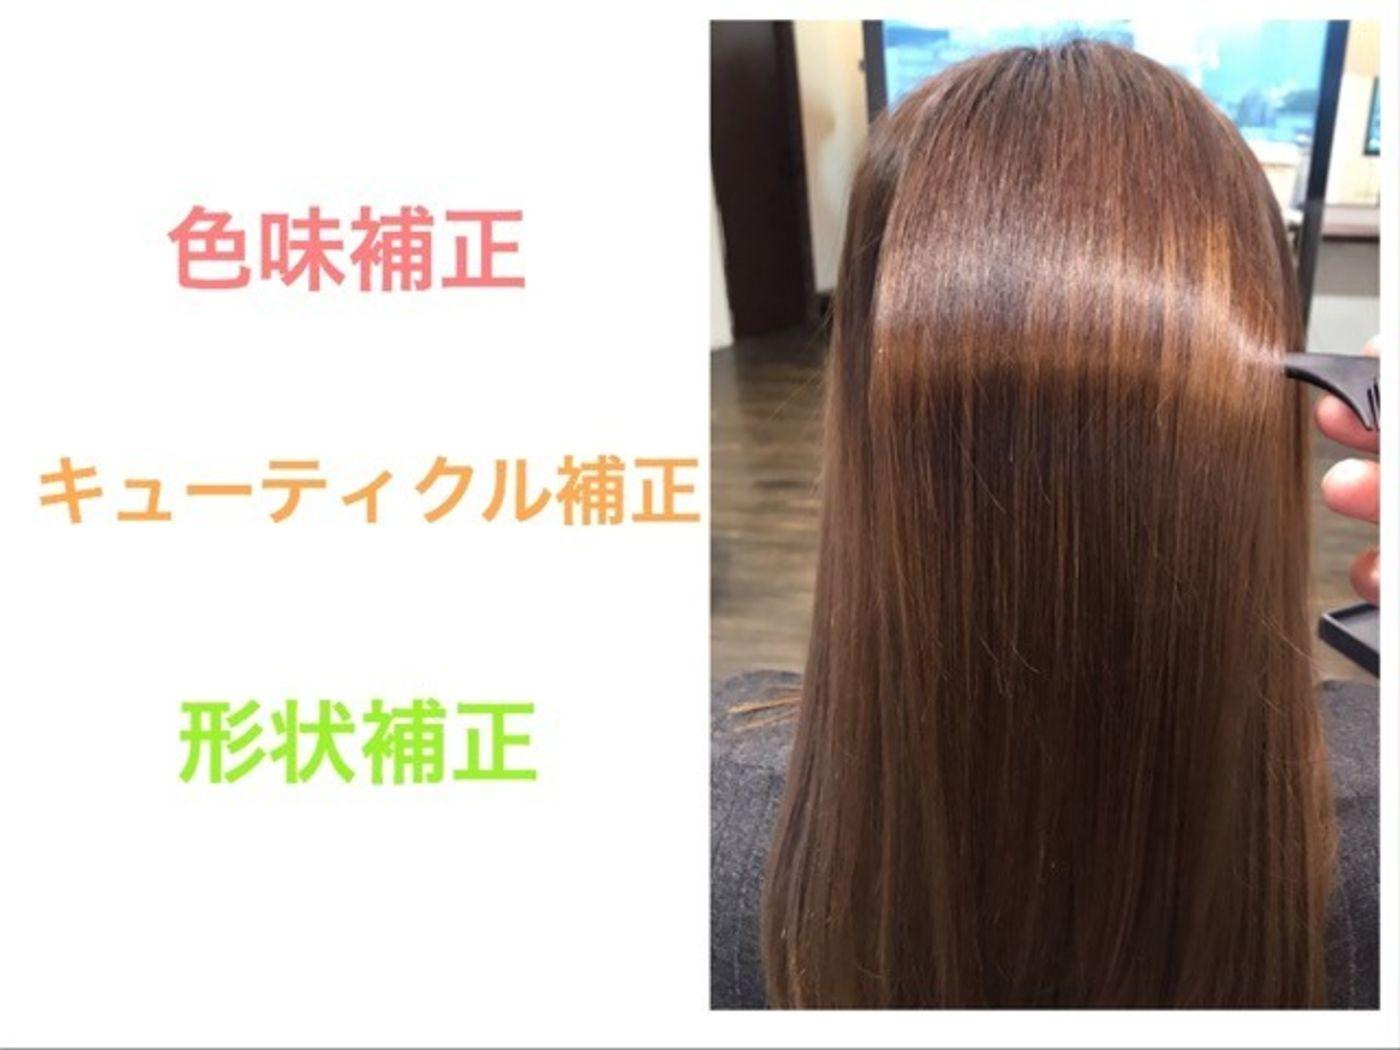 【髪質改善その②】美容技術で理想の形にする